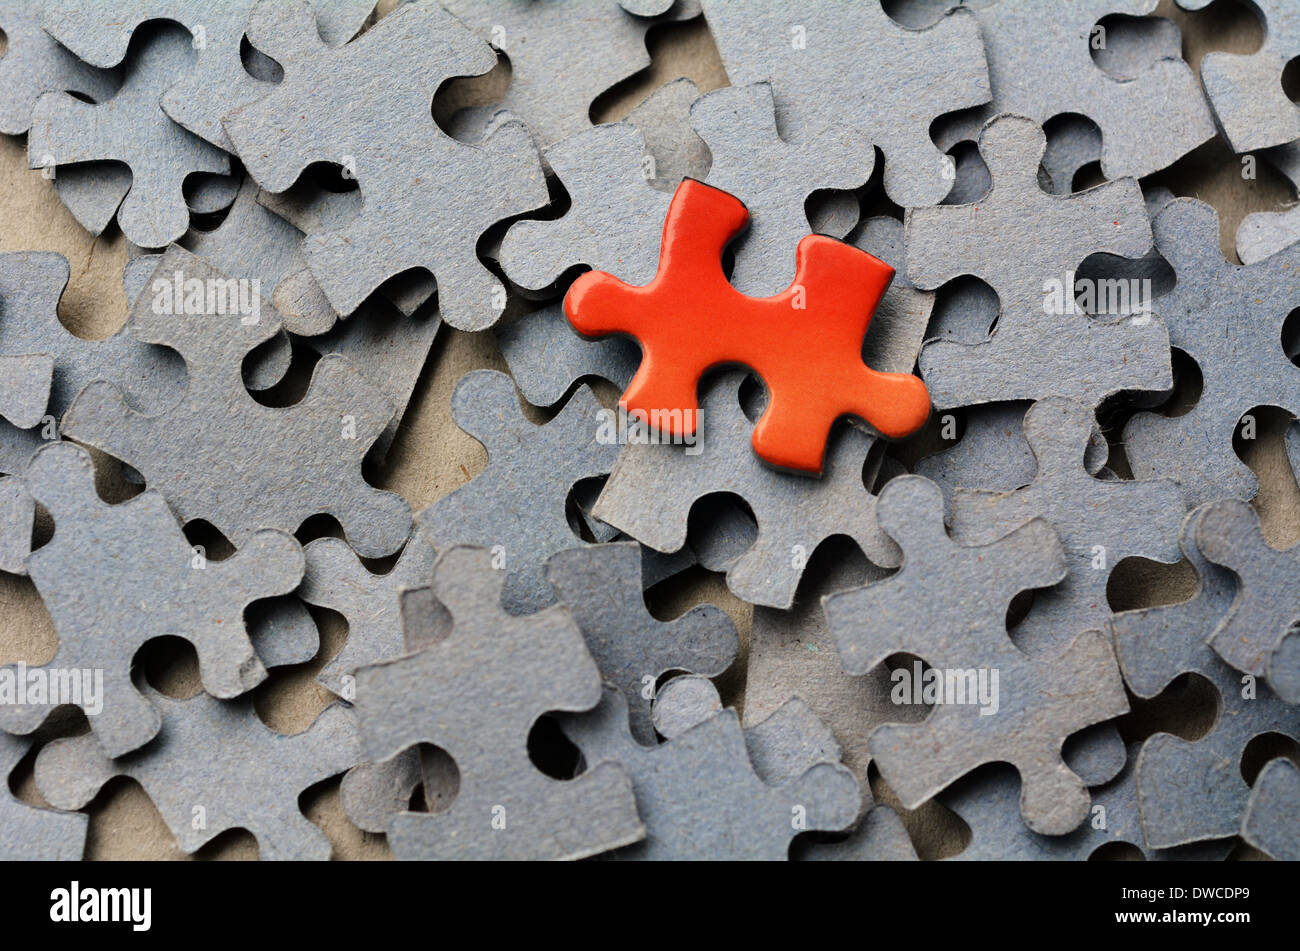 Stehend aus größeren Gruppe Puzzleteile Orange Puzzle-Stück. Business-Konzept - branding, anders, original. Stockbild